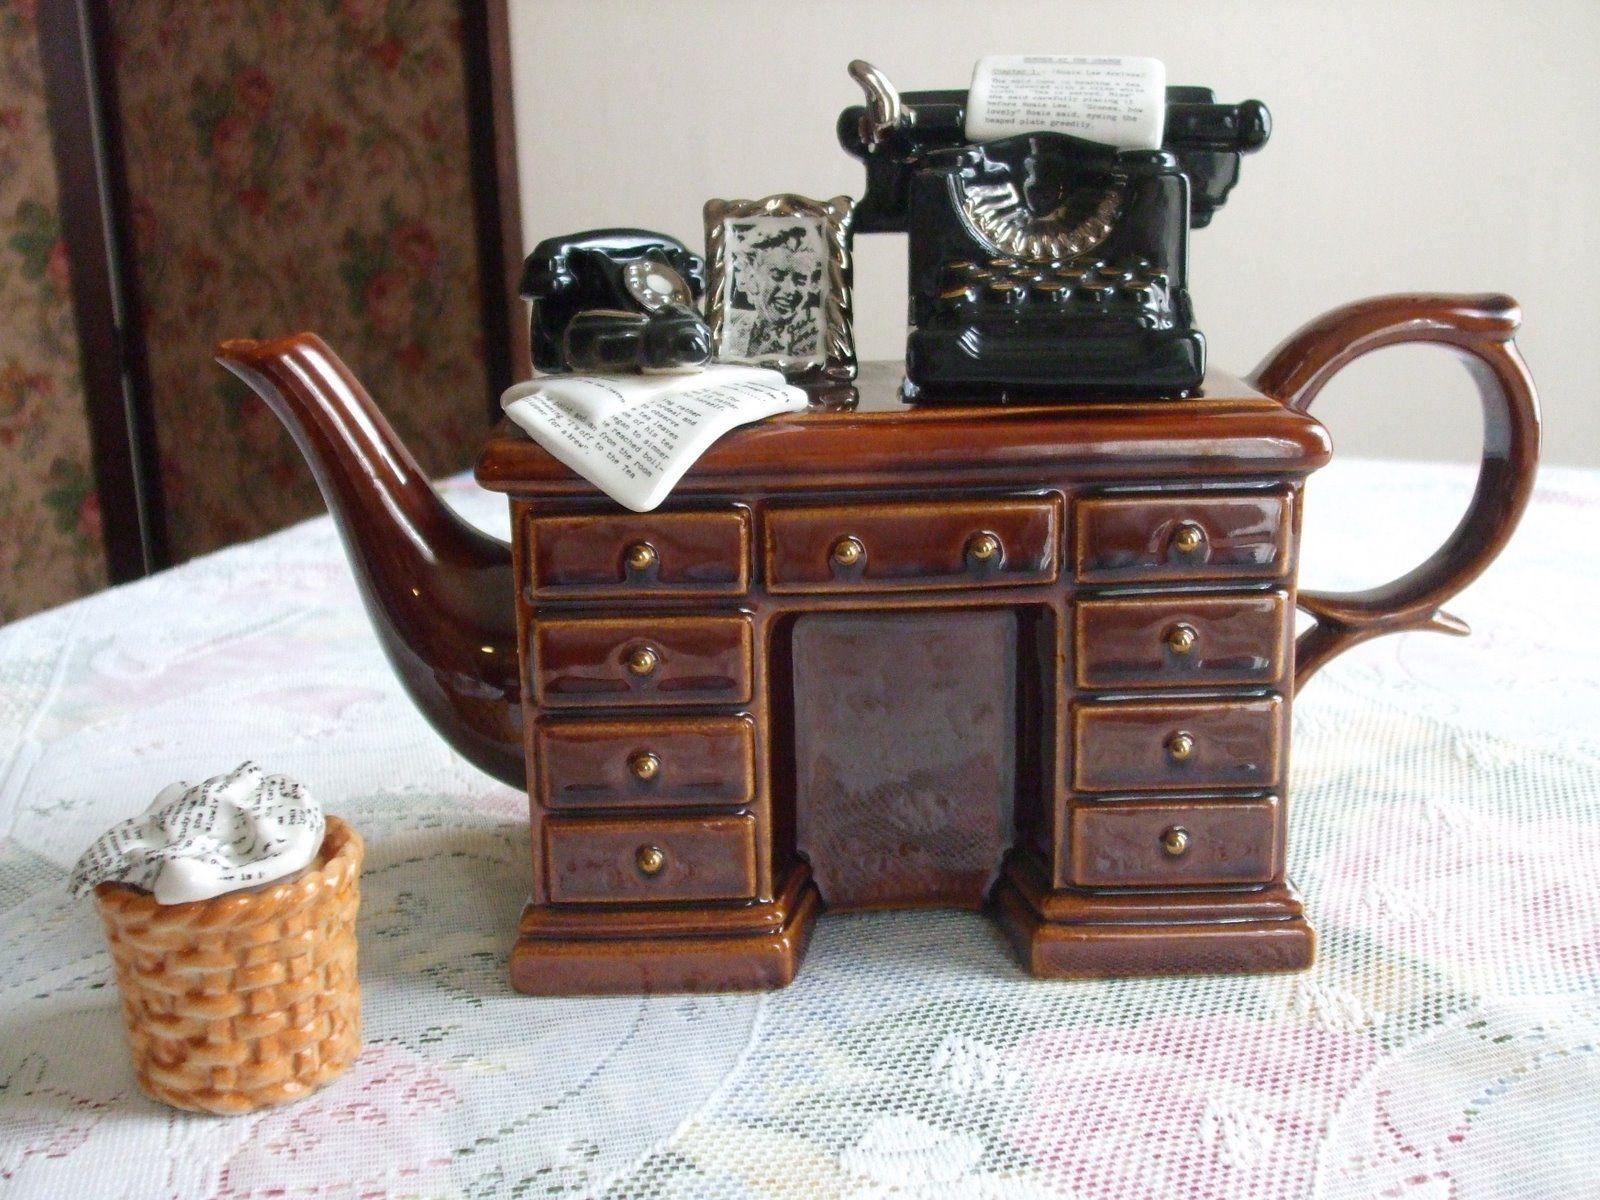 'Crime Writer's desk teapot'